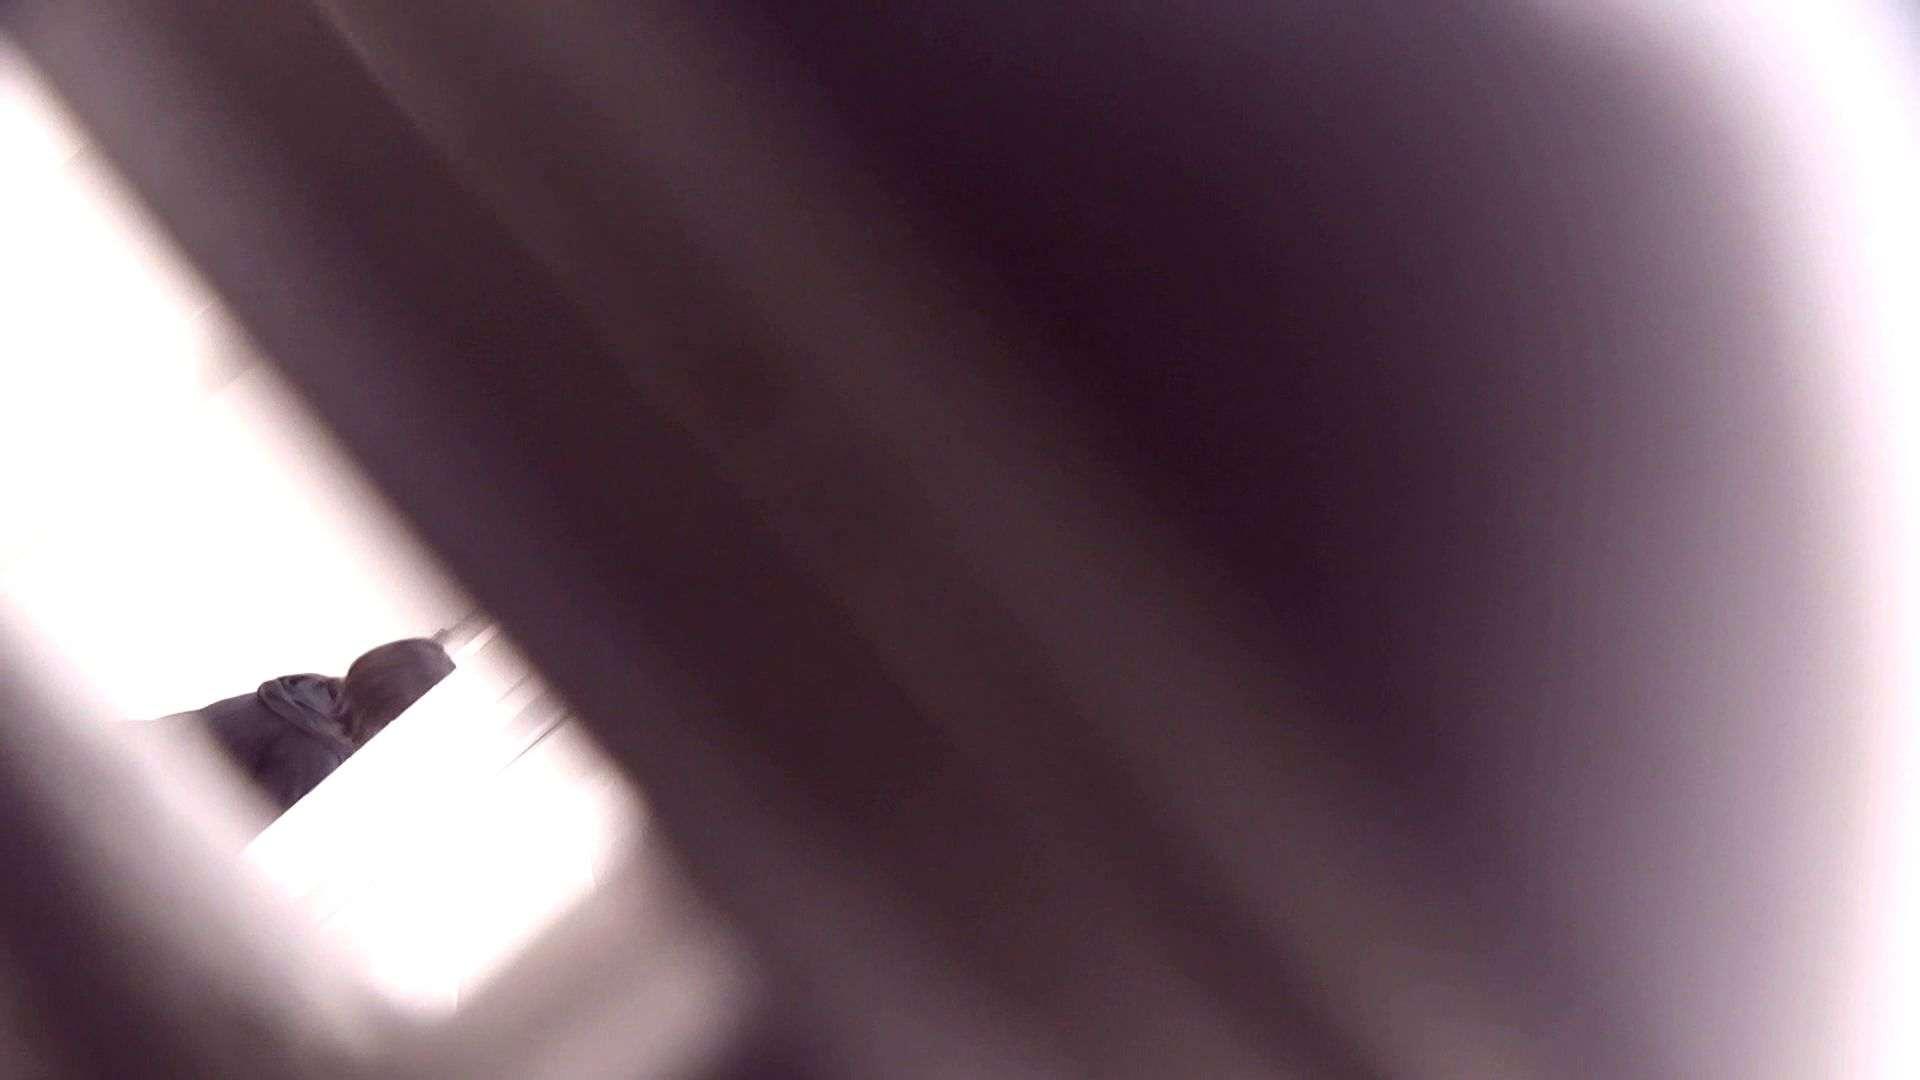 vol.17 命がけ潜伏洗面所! 張り裂けんばかりの大物 洗面所 盗撮戯れ無修正画像 108画像 38